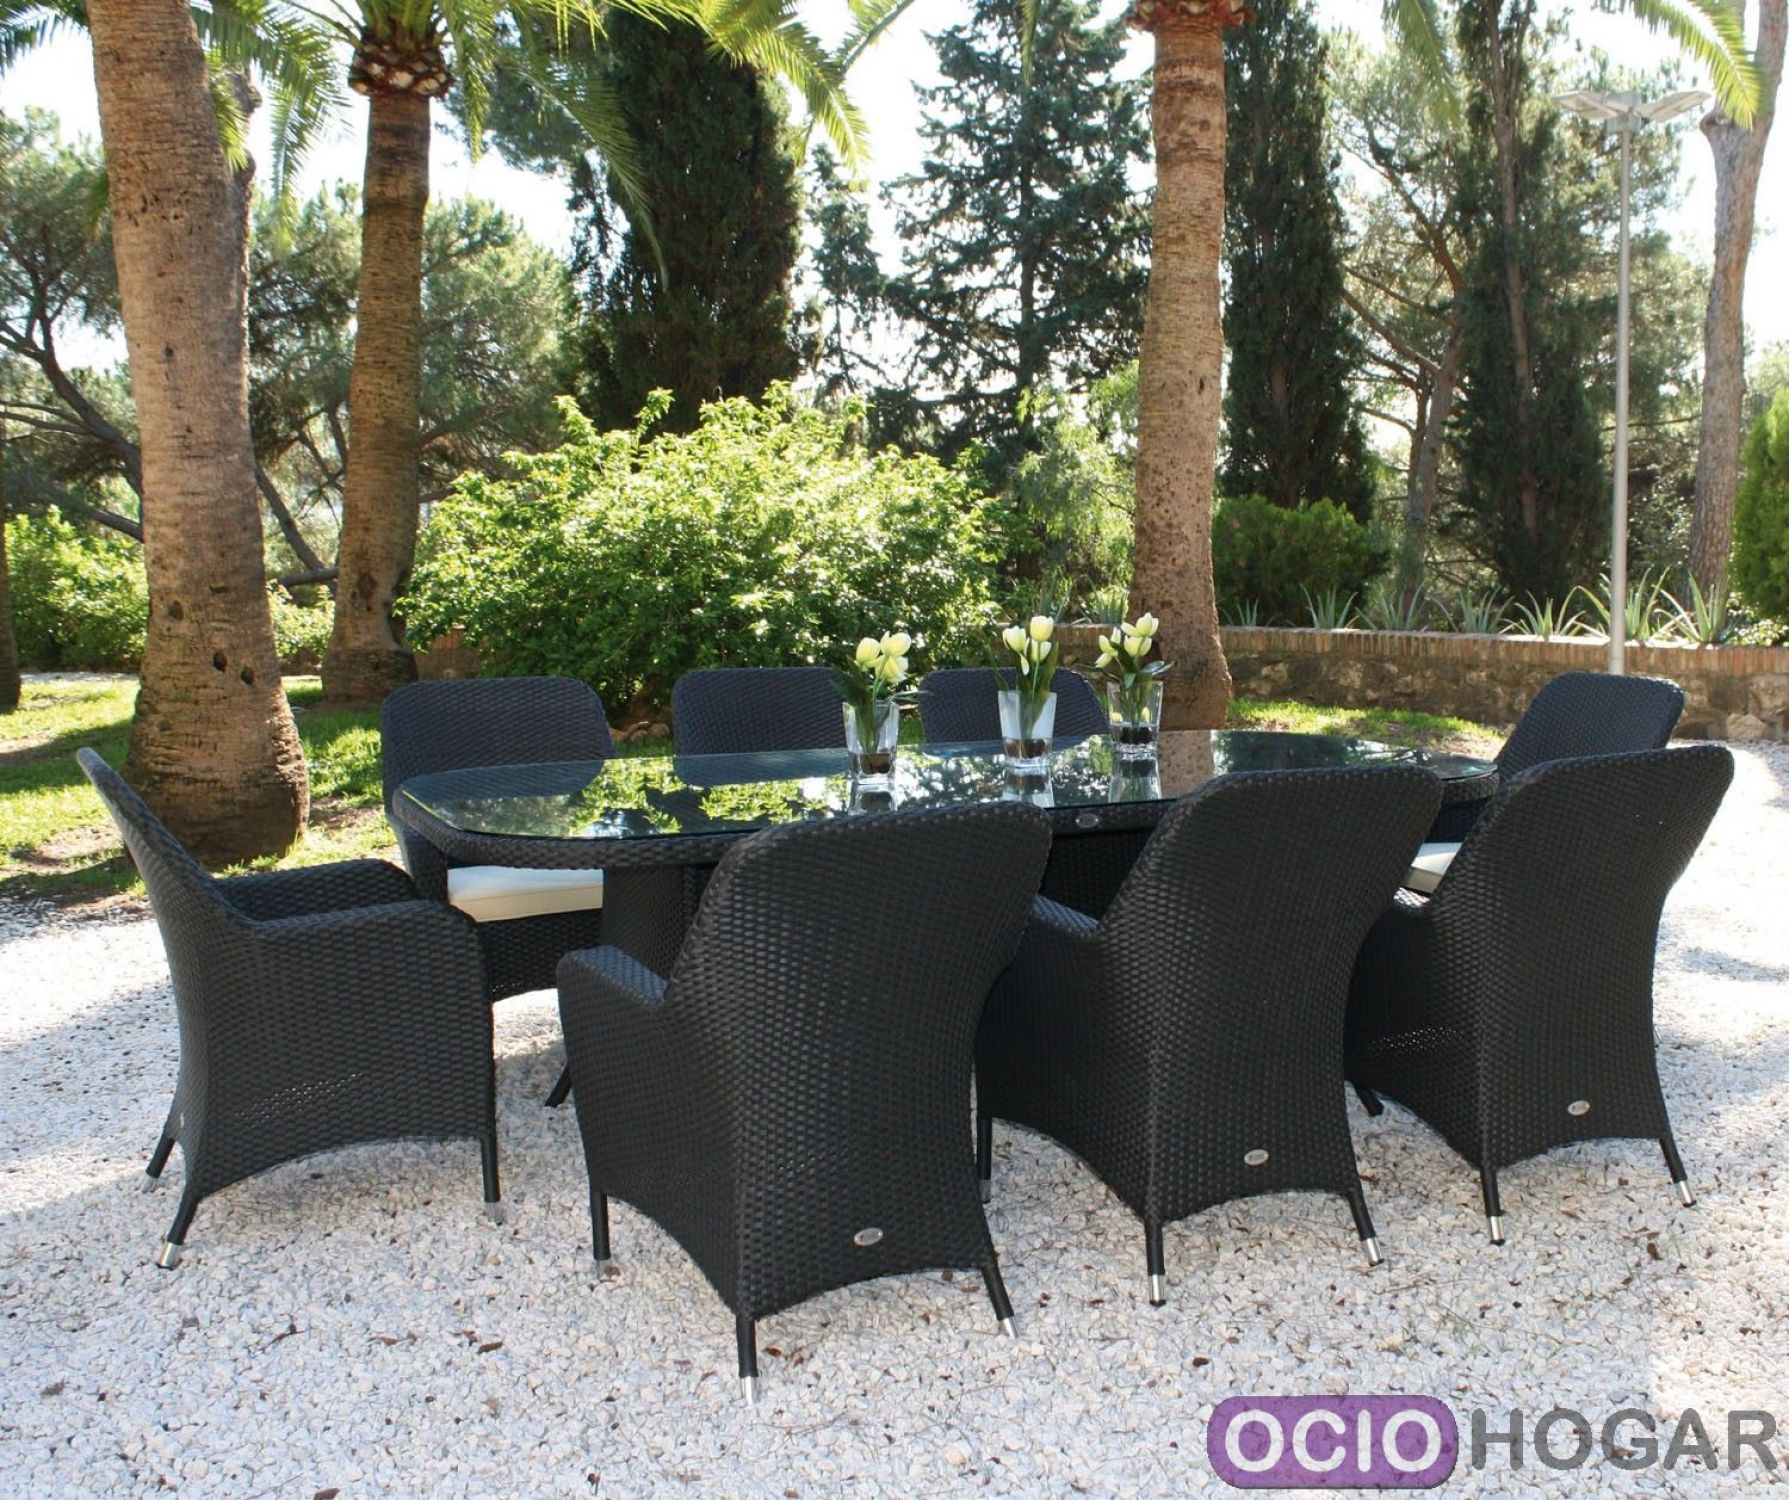 Mesa y sillas de jard n ocean majestic garden for Mesa y sillas jardin